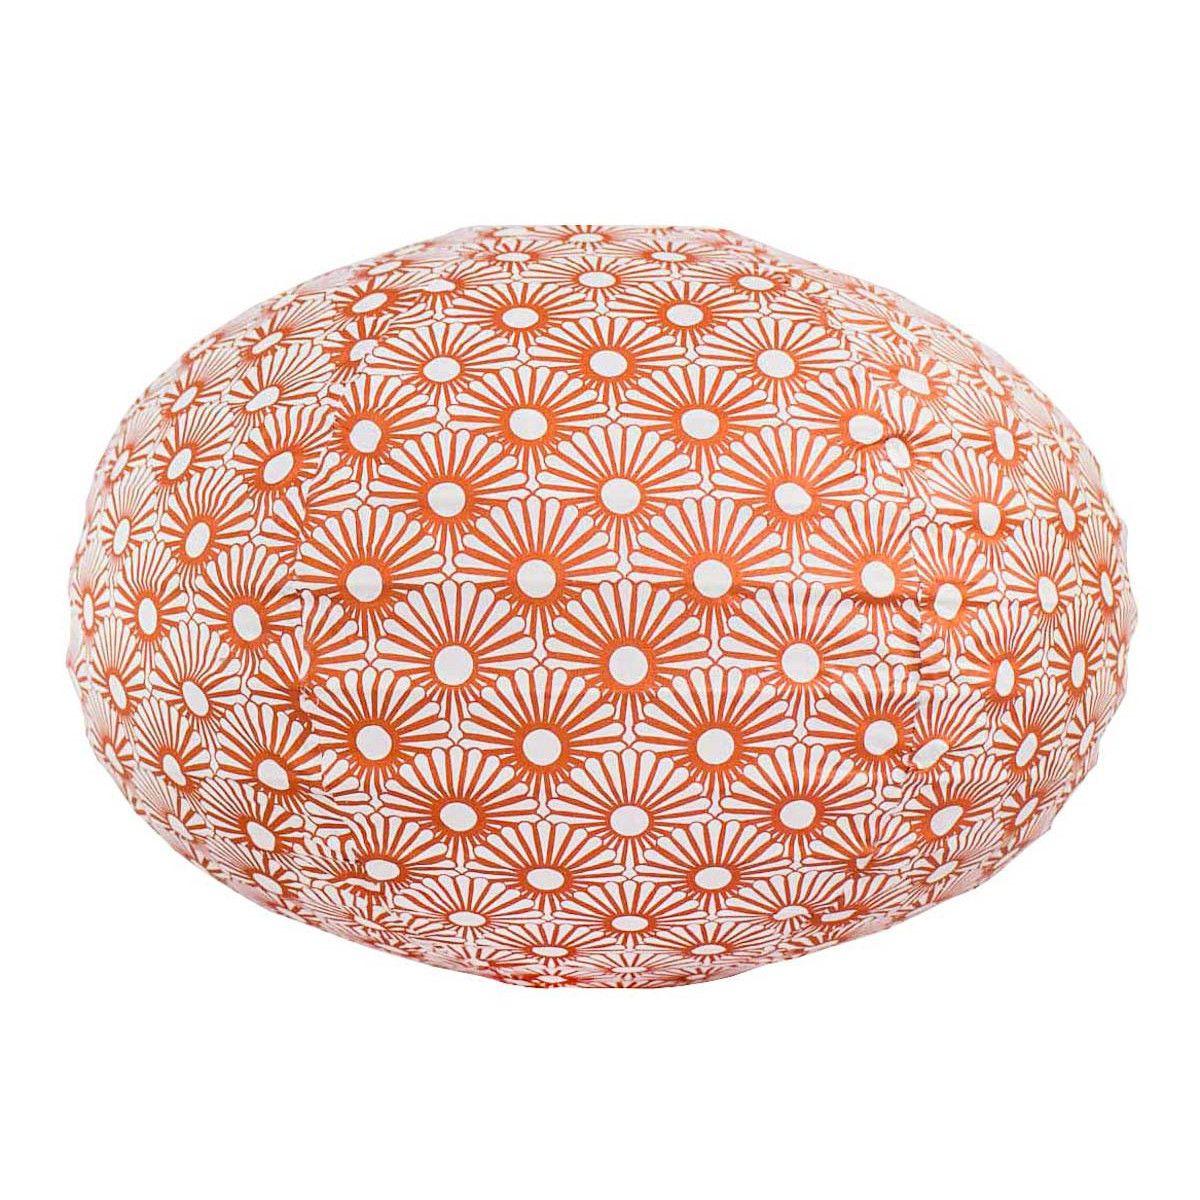 Lampion tissu boule japonaise ovale blanc et bronze cuivre